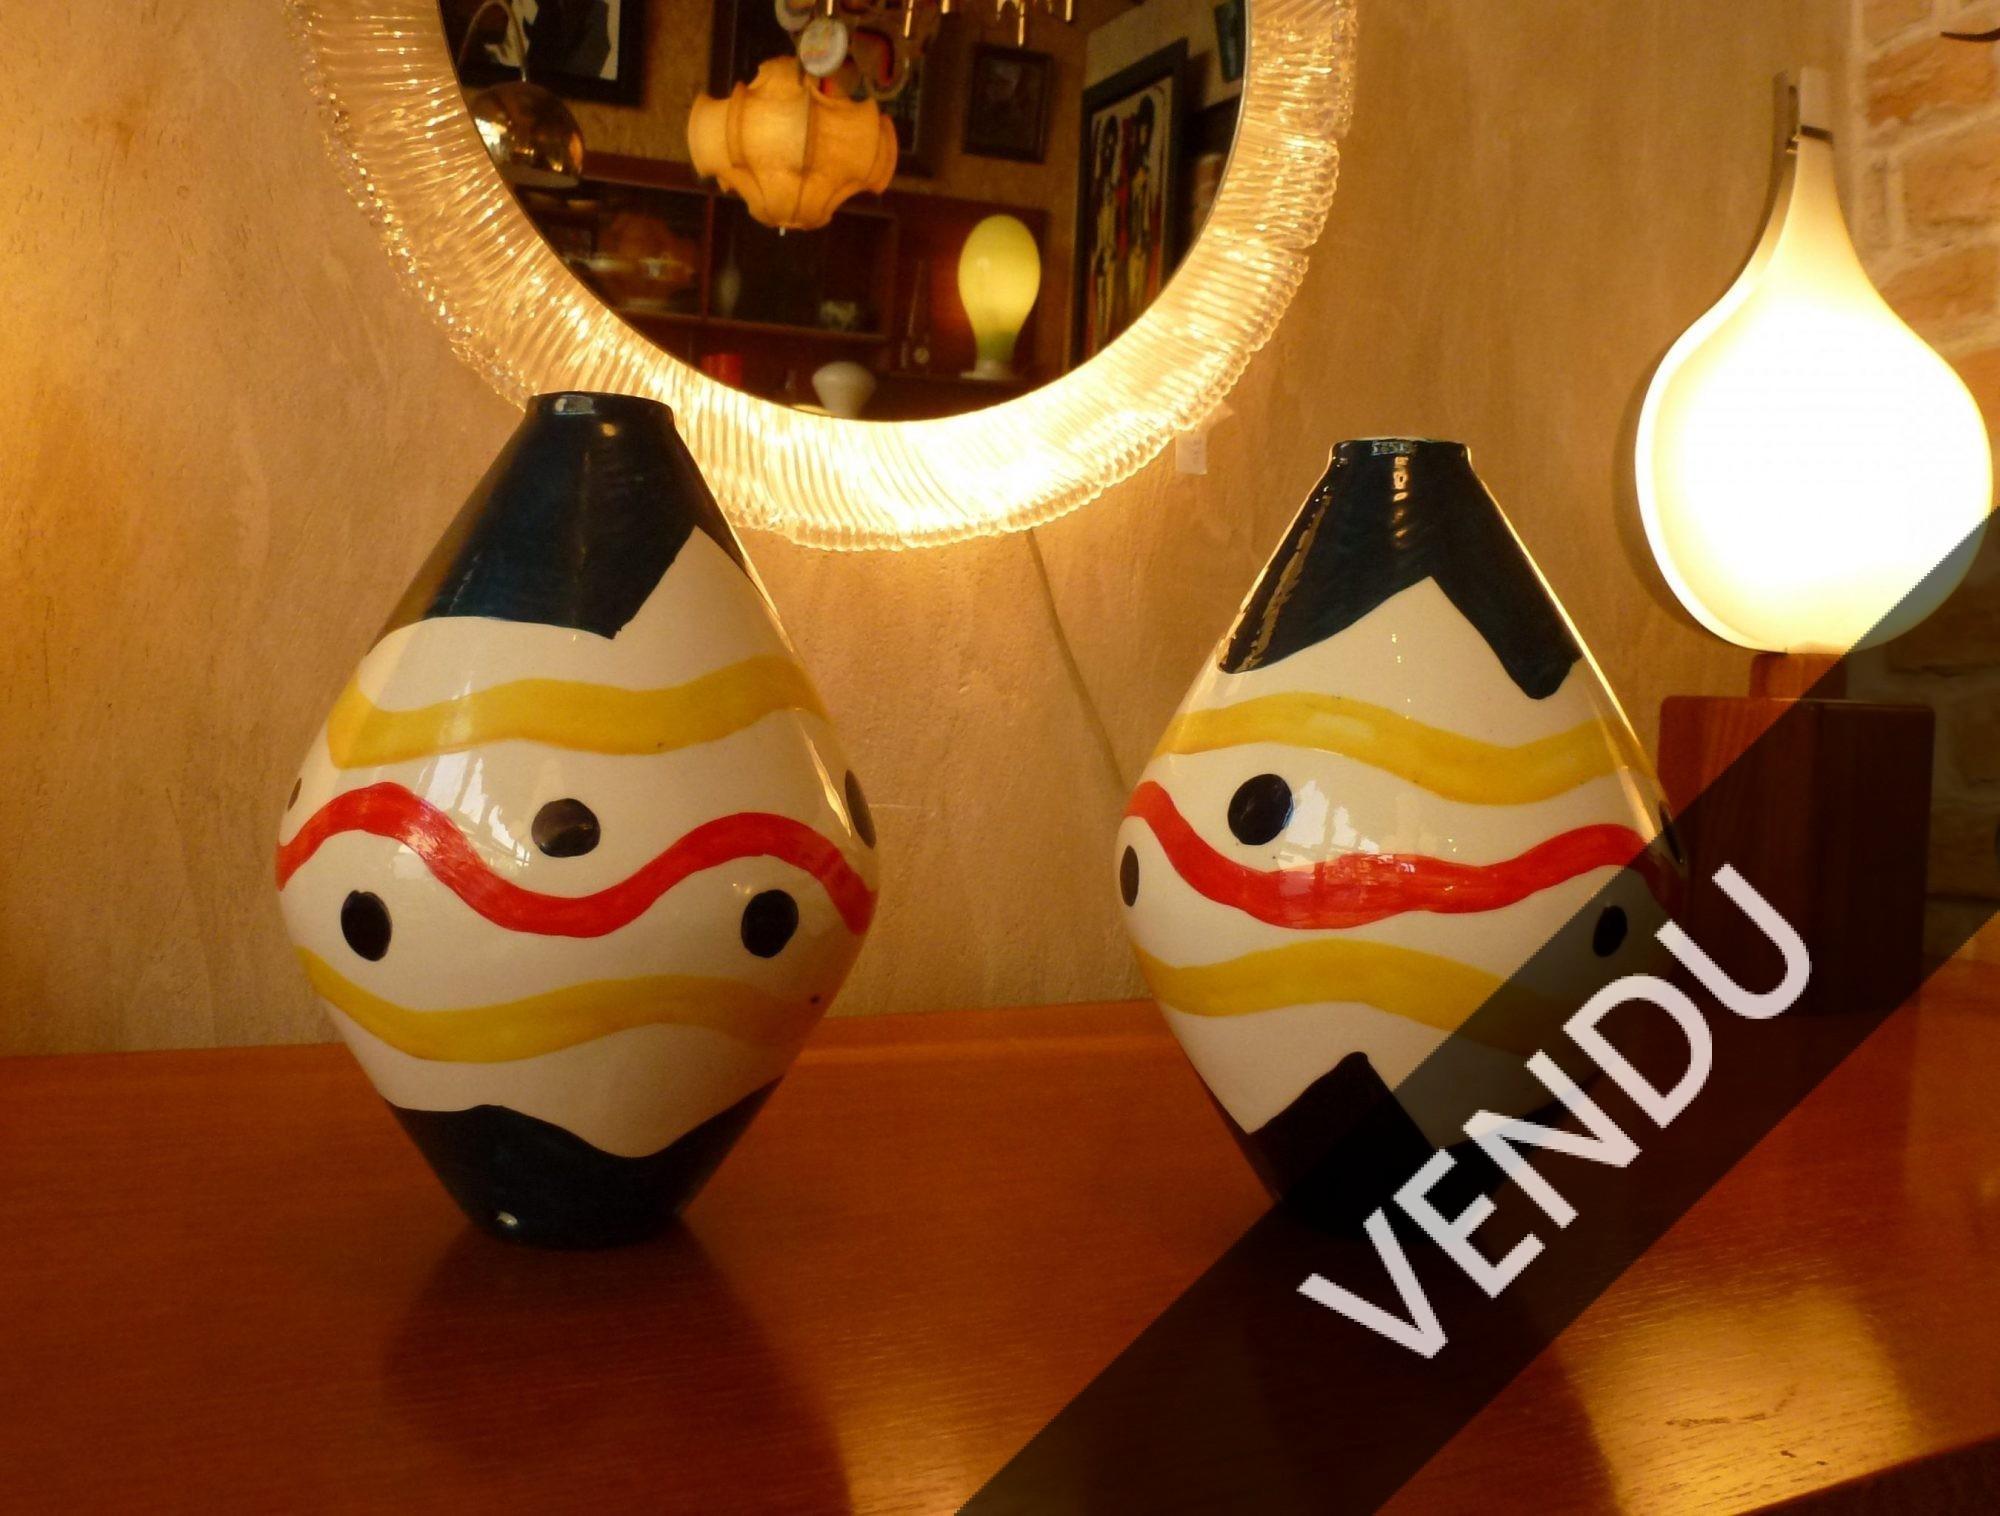 Paire de lampes du céramiste de Fernand Leger, roland Brice à Biot